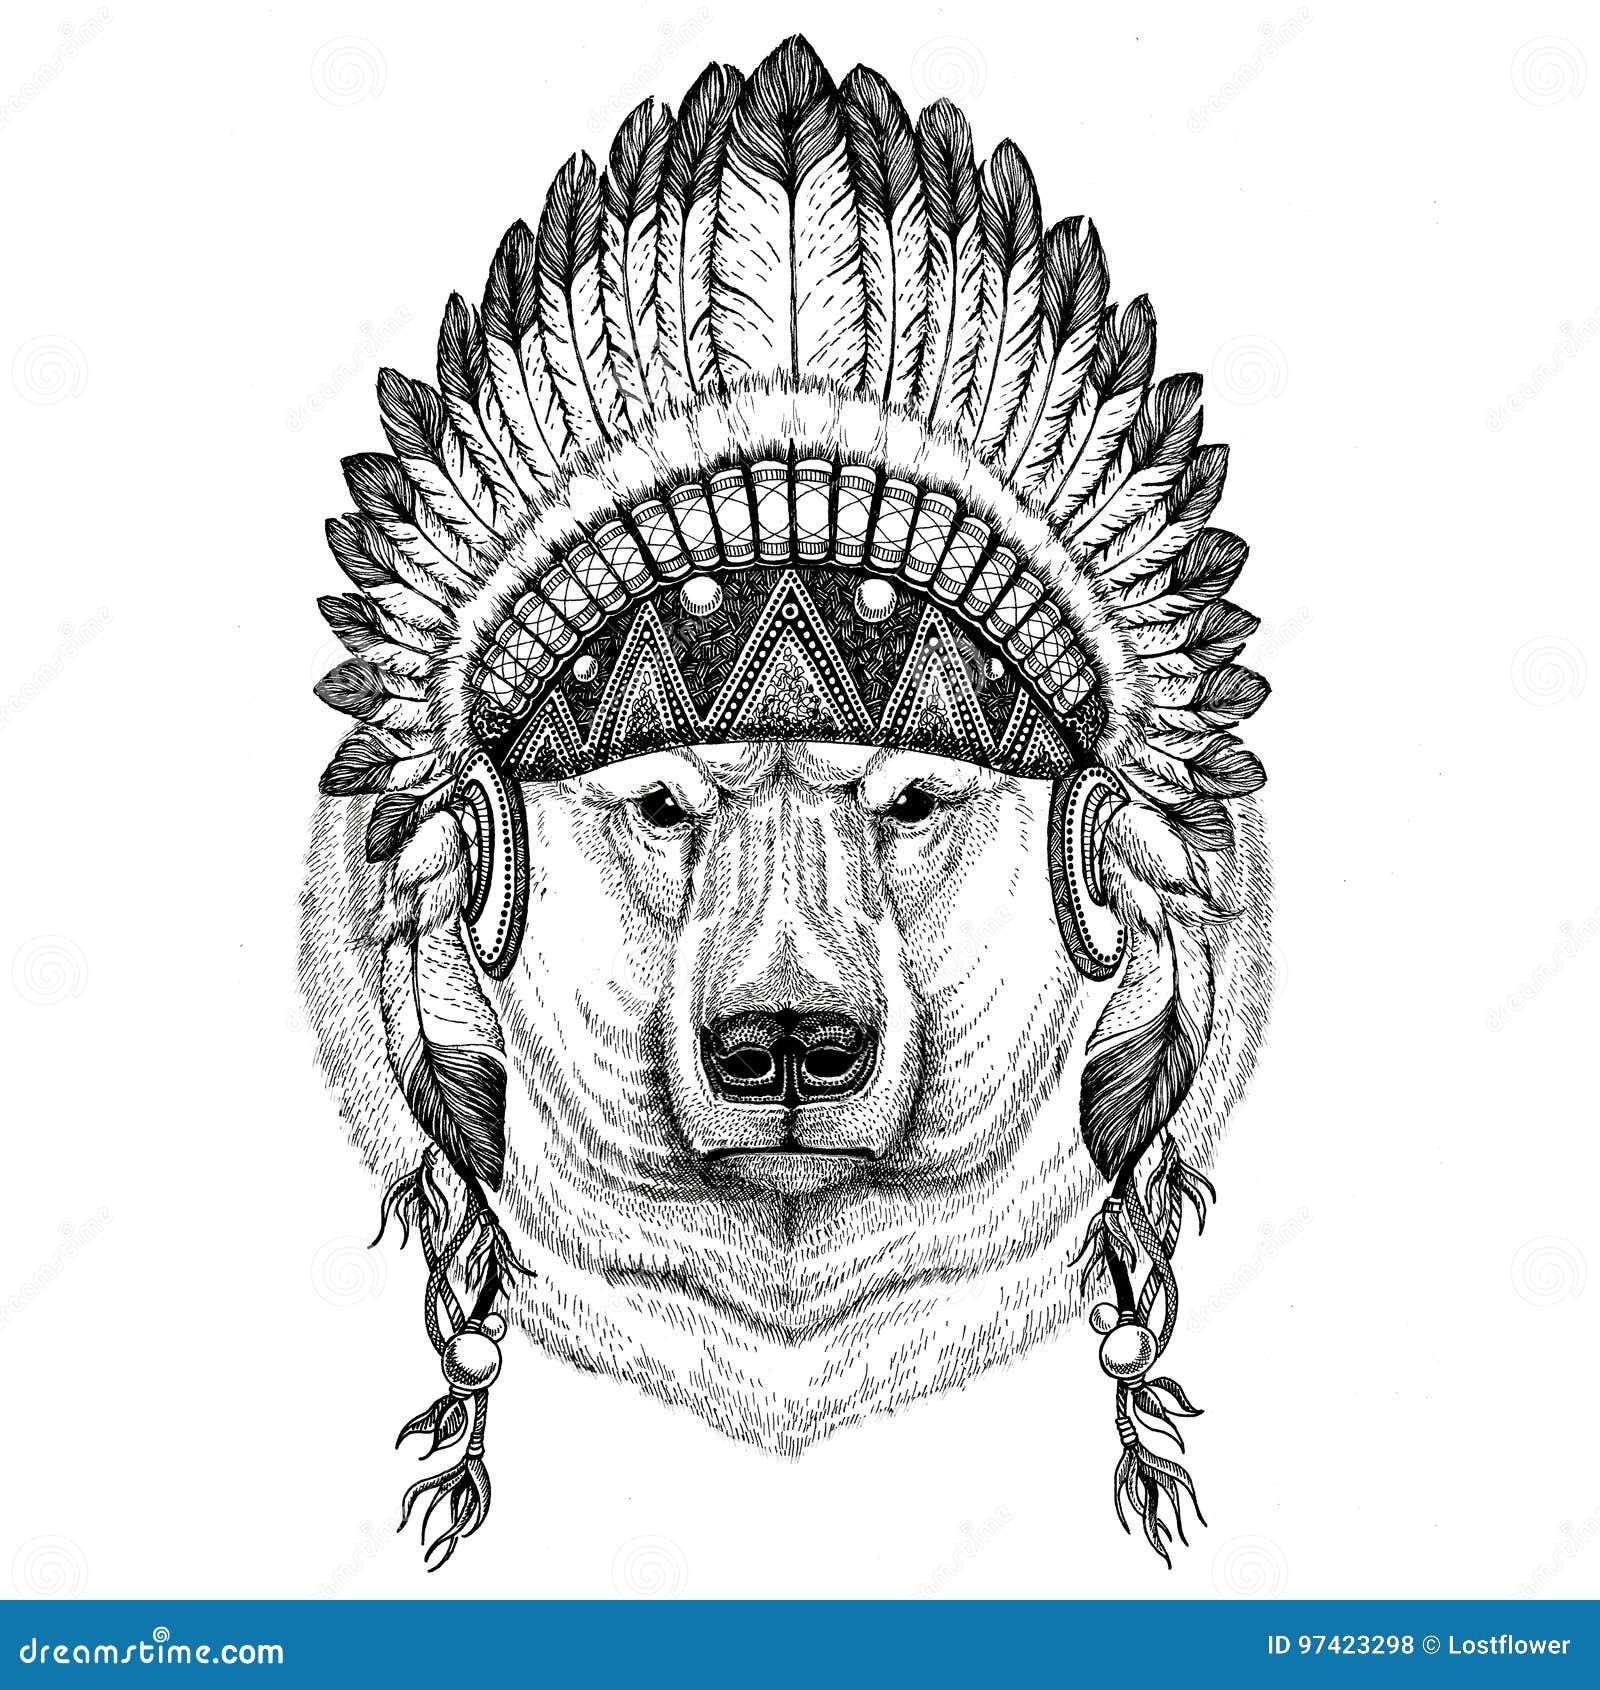 c7878c3181ef1 Wild animal wearing indian hat Headdress with feathers Boho ethnic image  Tribal illustraton